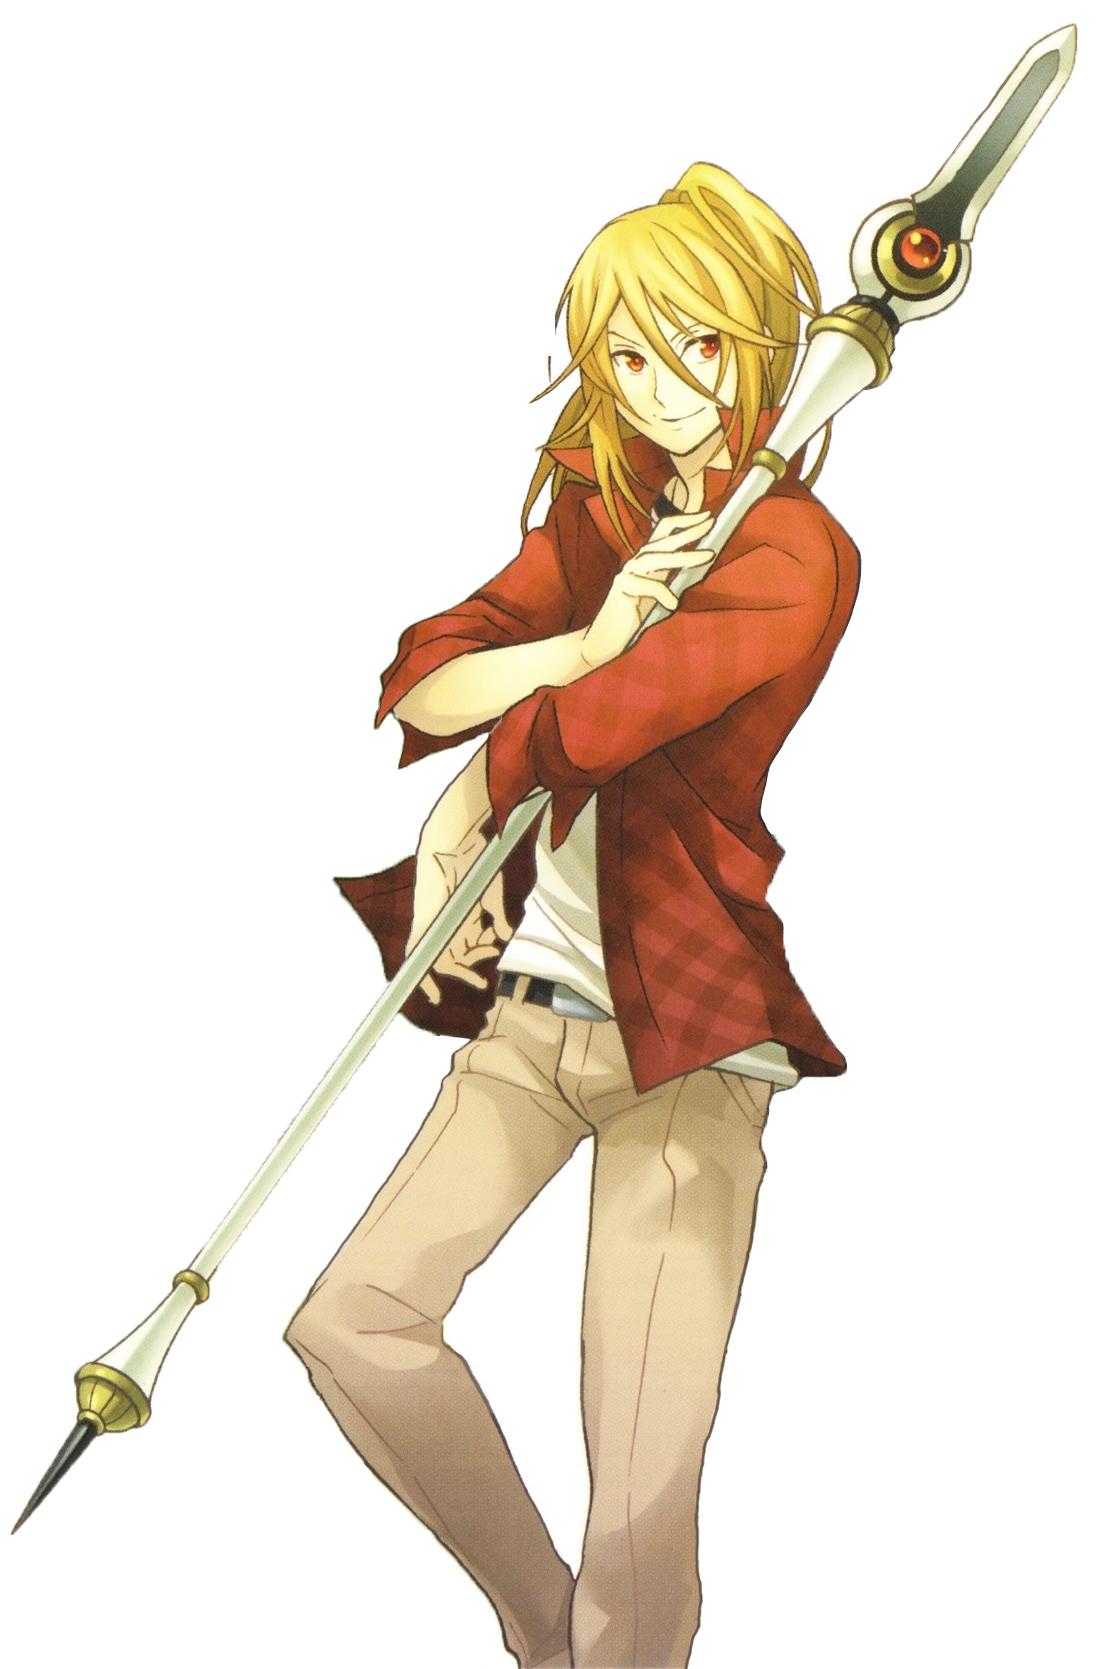 Tate no Yuusha no Nariagari Personagens de anime, Anime